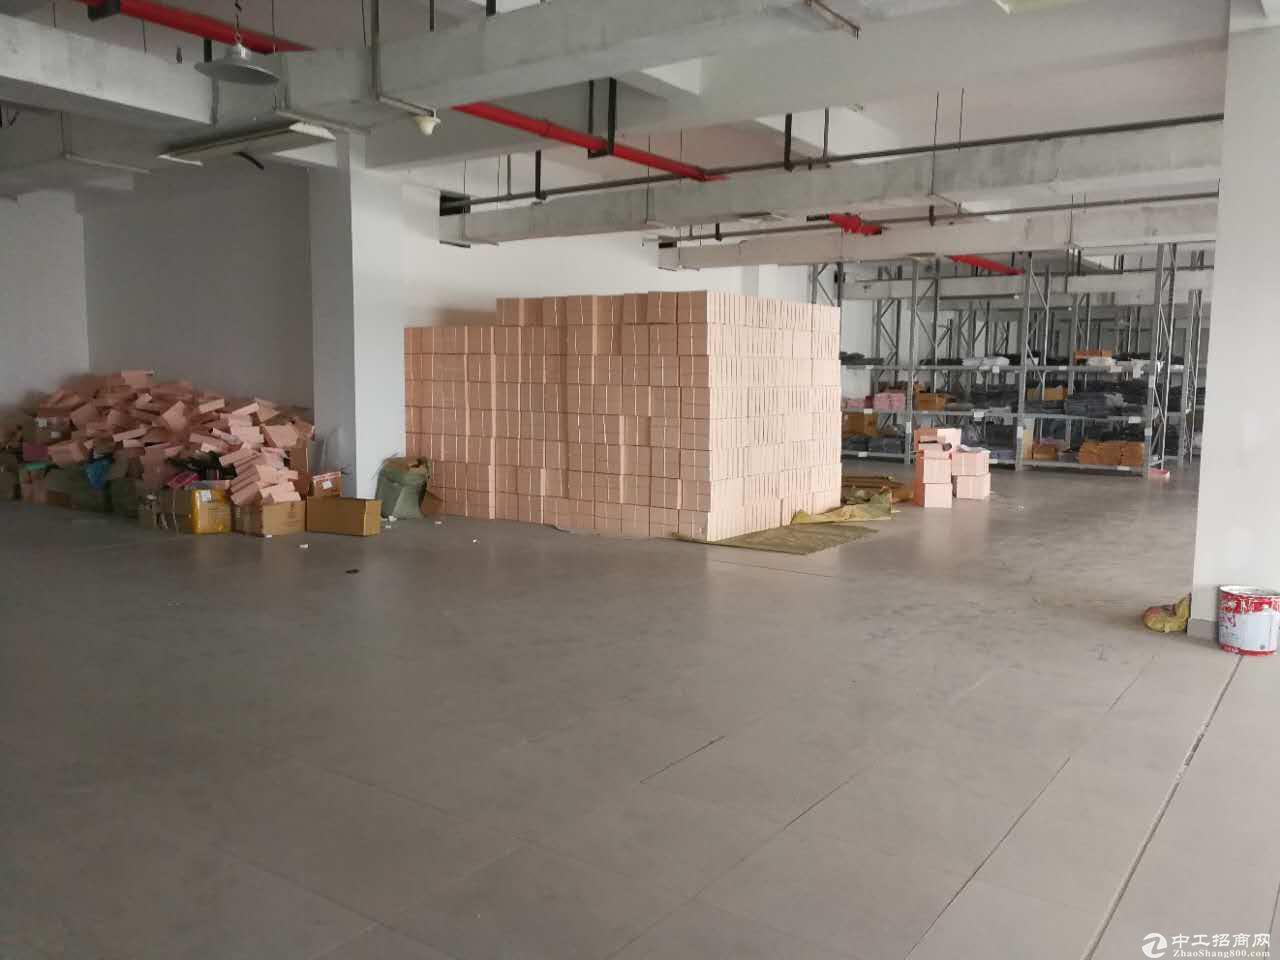 萧山开发区 机场高速下800方 轻加工 仓库 展厅